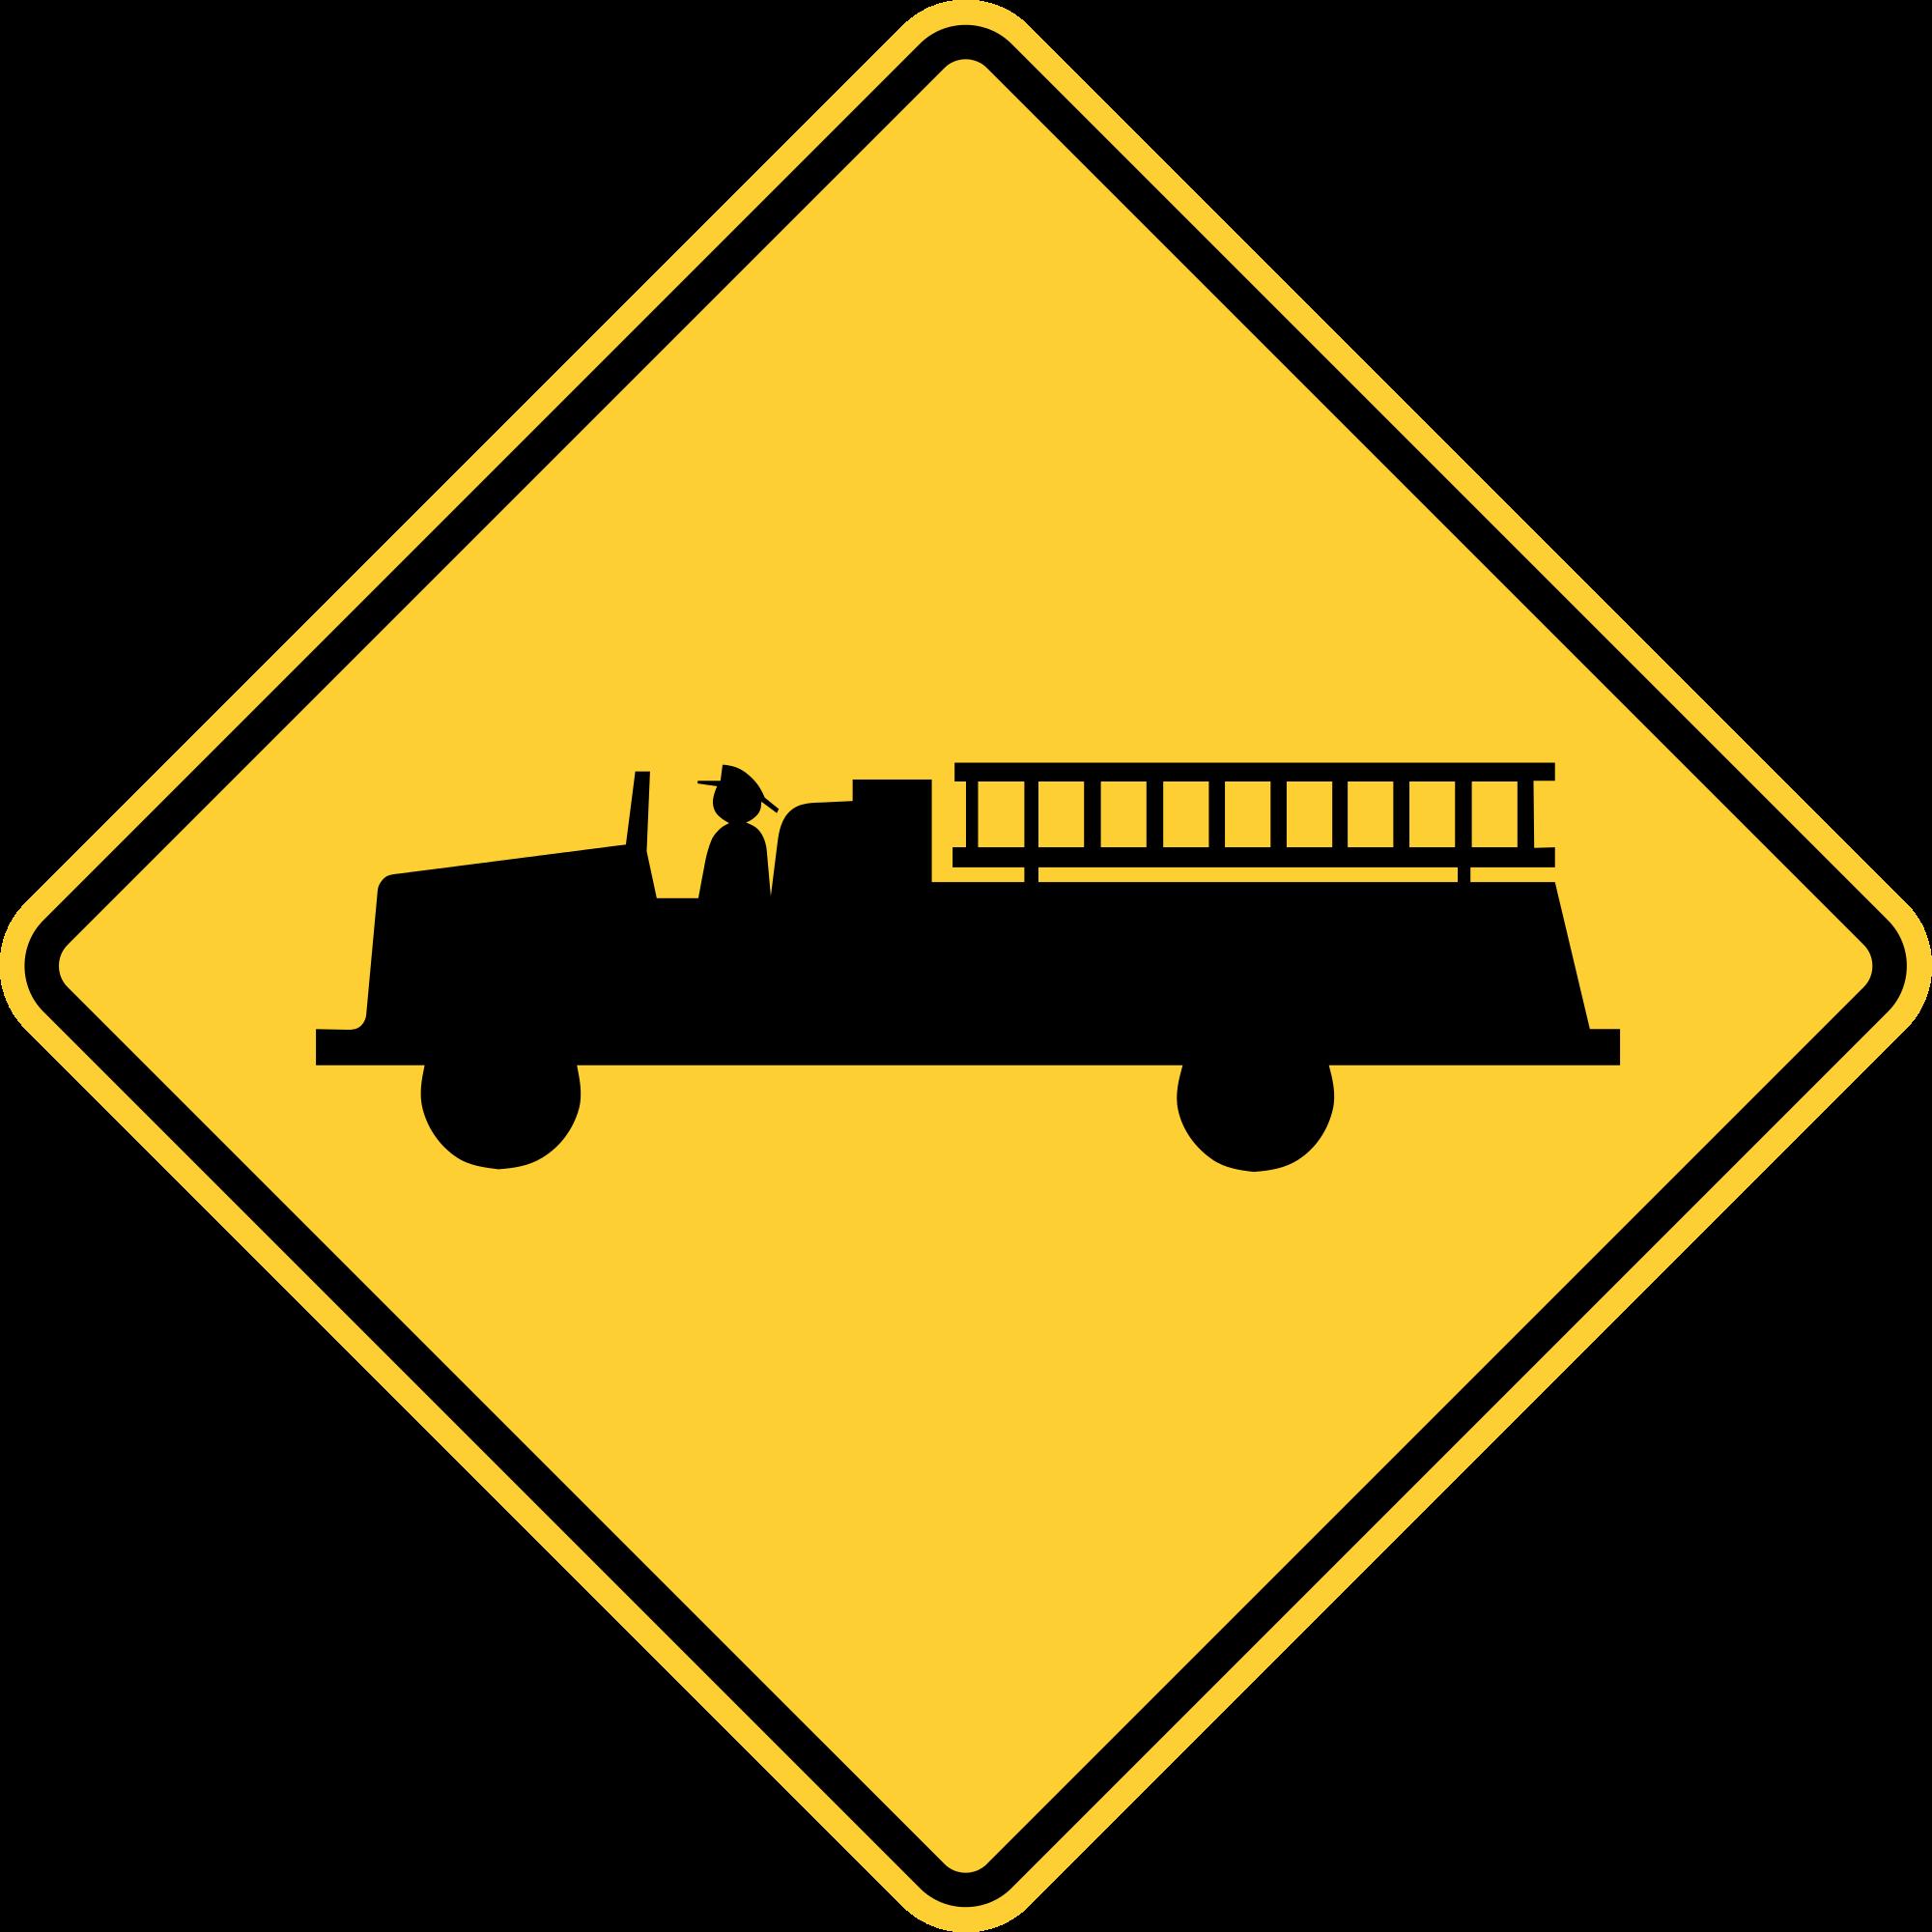 Clipart Road Signs No Heavy Trucks.